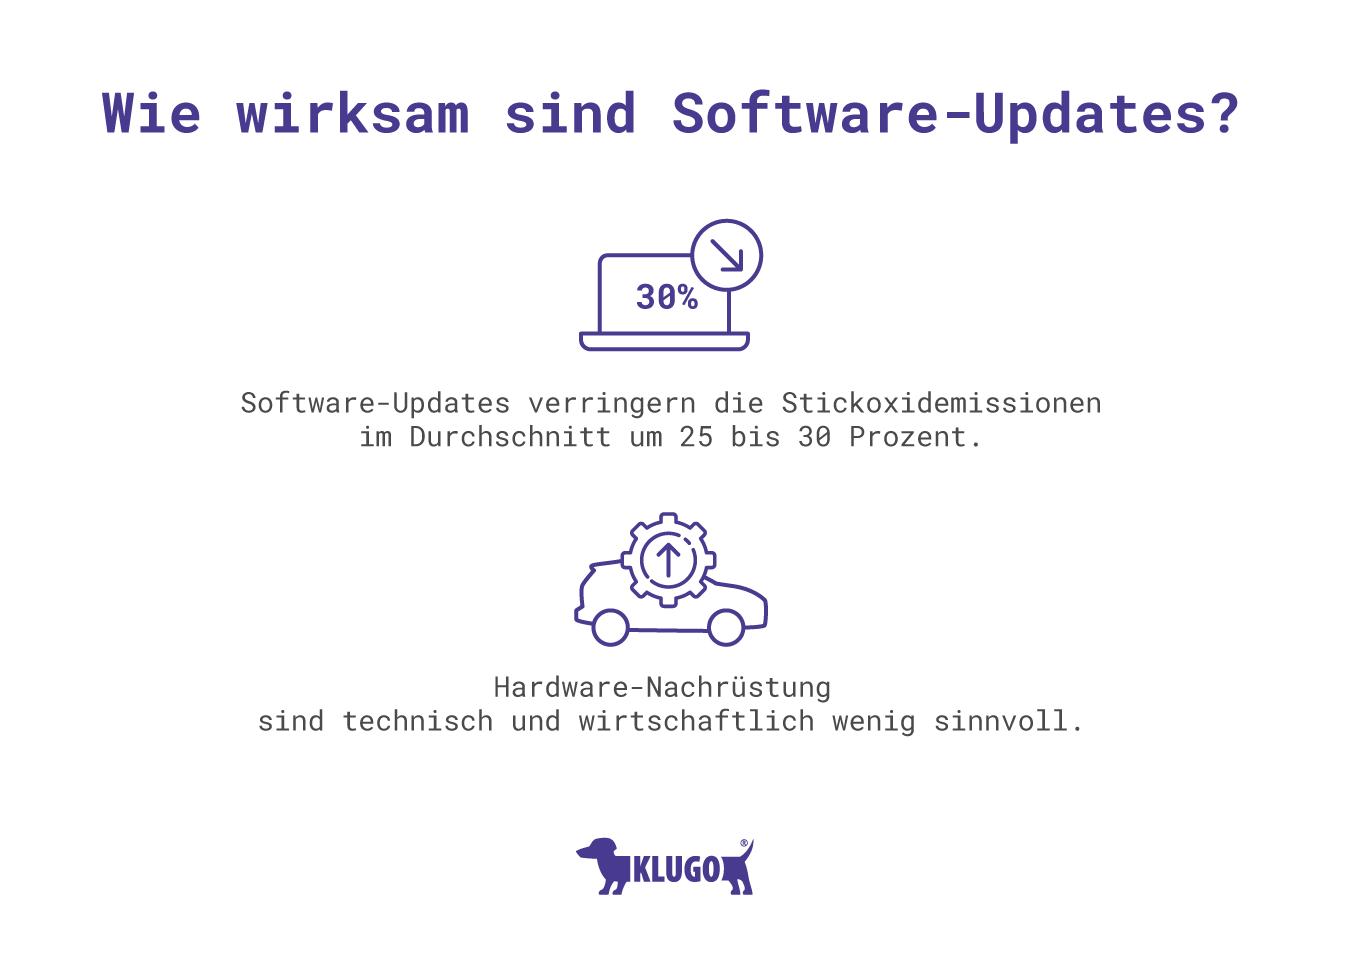 Wie wirksam sind Software-Updates? – Infografik